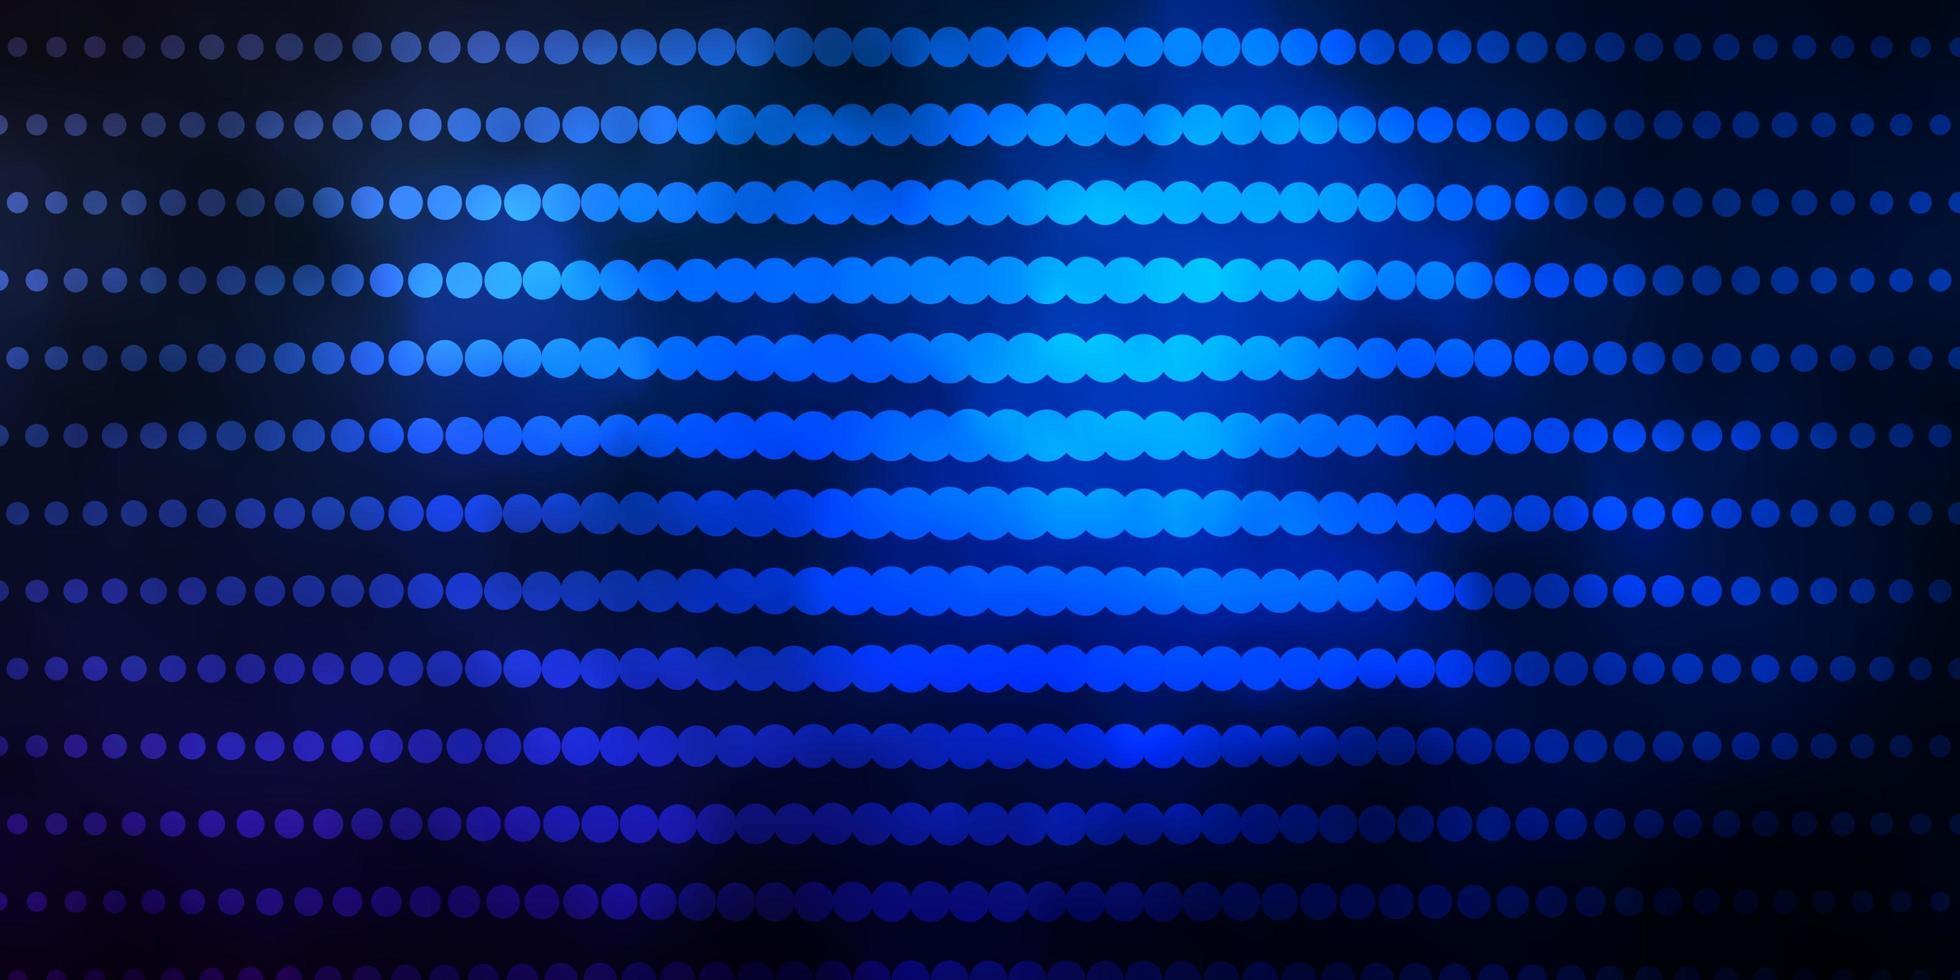 fond bleu foncé avec des cercles. vecteur